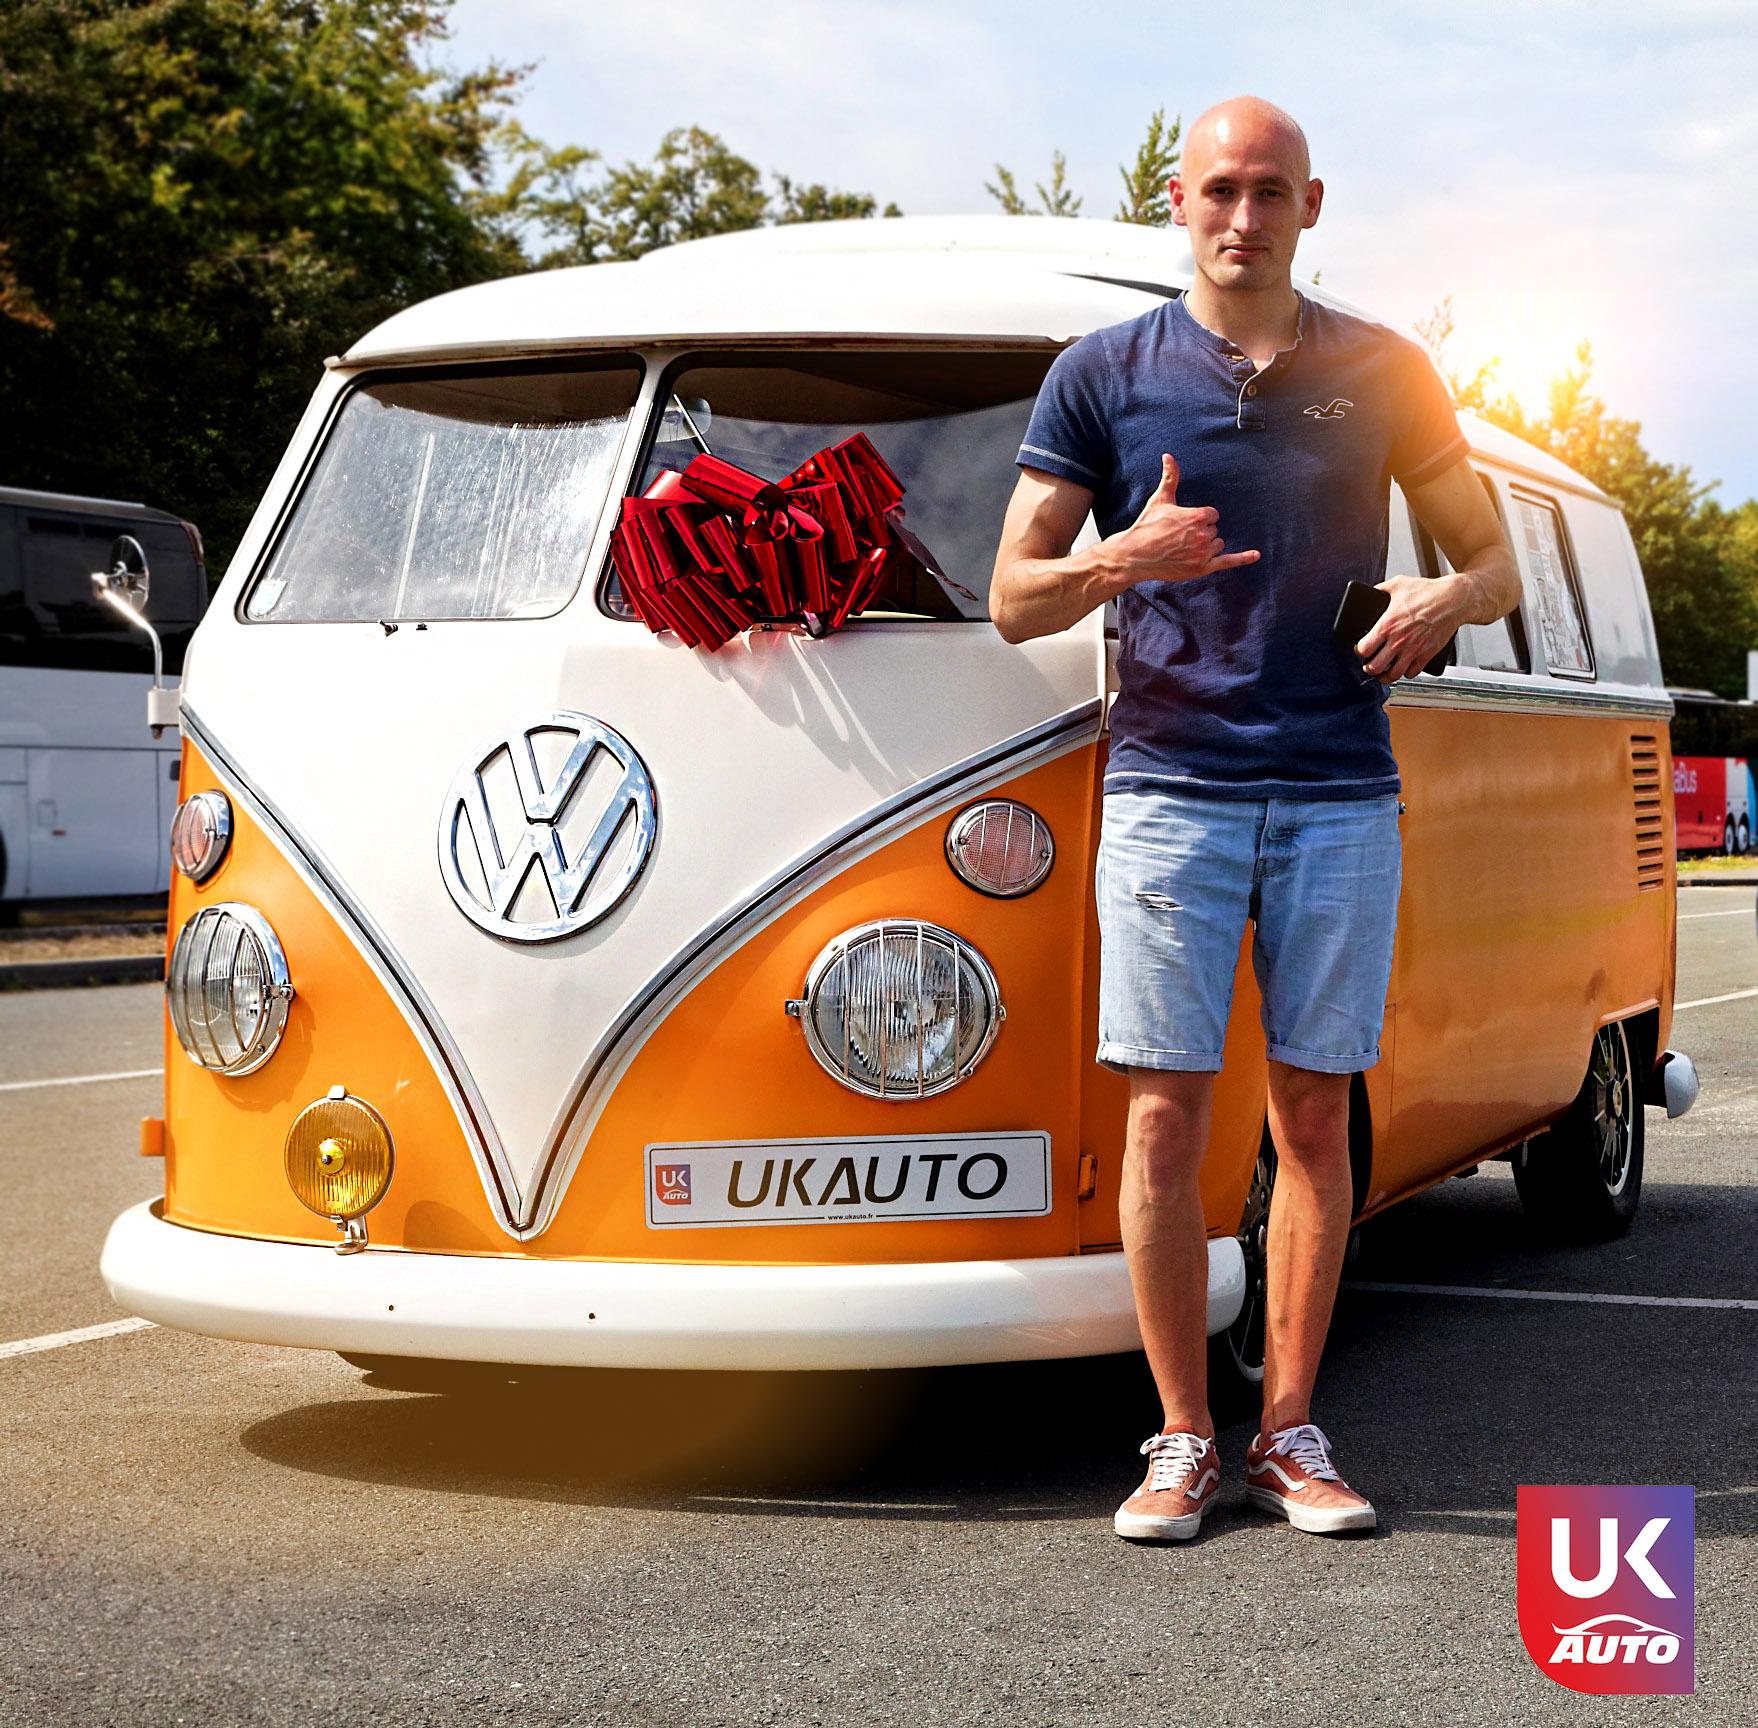 Volkswagen combi Volkswagen camper import volkswagen uk ukauto import uk lhd volkswagen7 - IMPORT VOLKSWAGEN COMBI CAMPER TYPE 2 VOLKSWAGEN CLASSIC IMPORT UK FELICITATION A NOTRE CLIENT